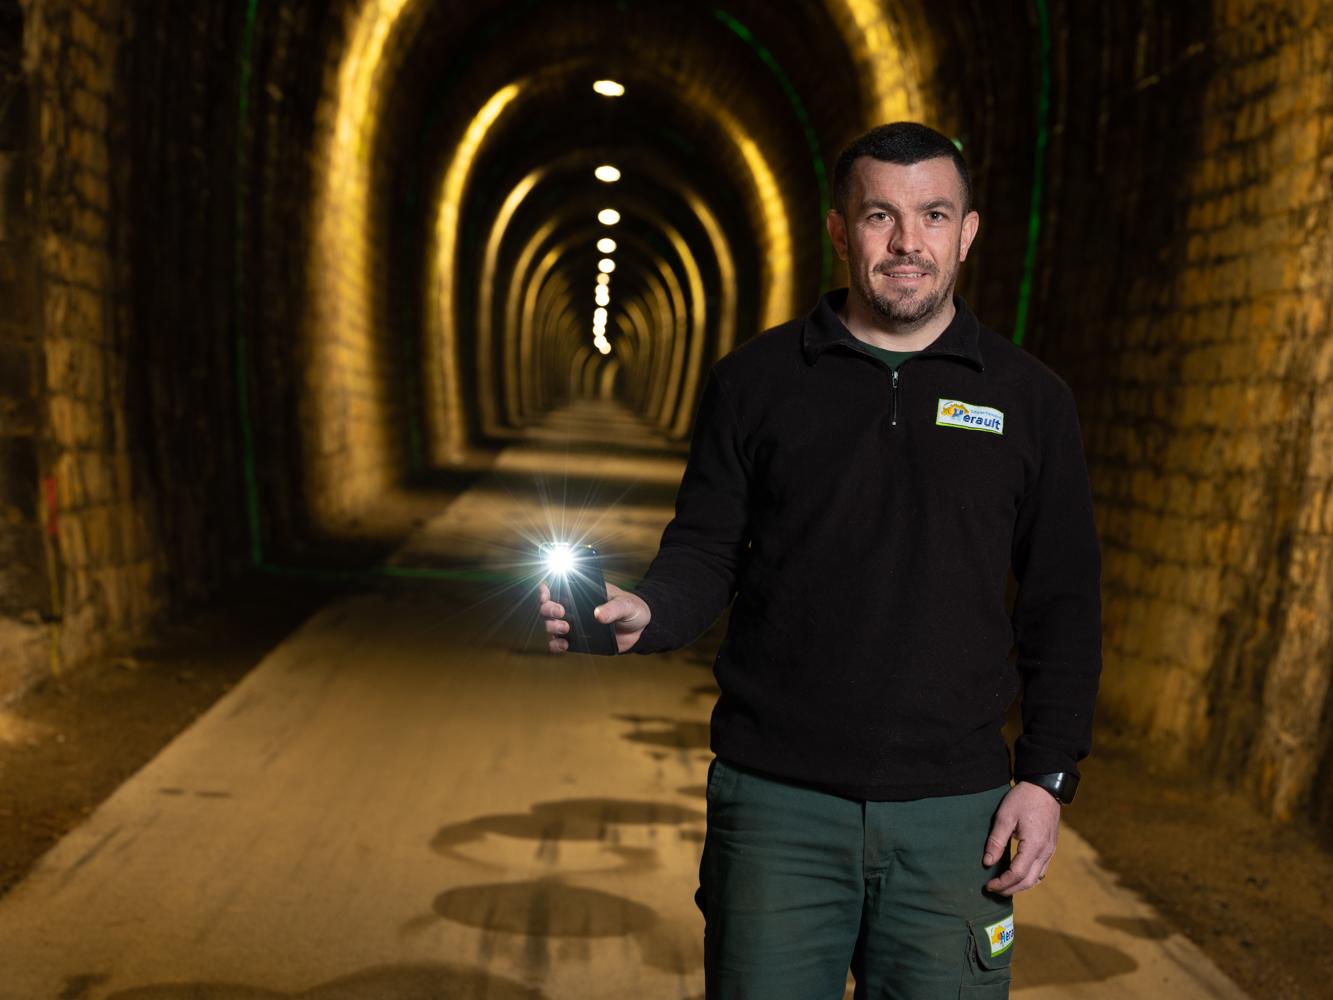 Nicolas, agent voie verte, tunnel de la Fenille usagers voie verte Parc naturel Haut-Languedoc région Occitanie